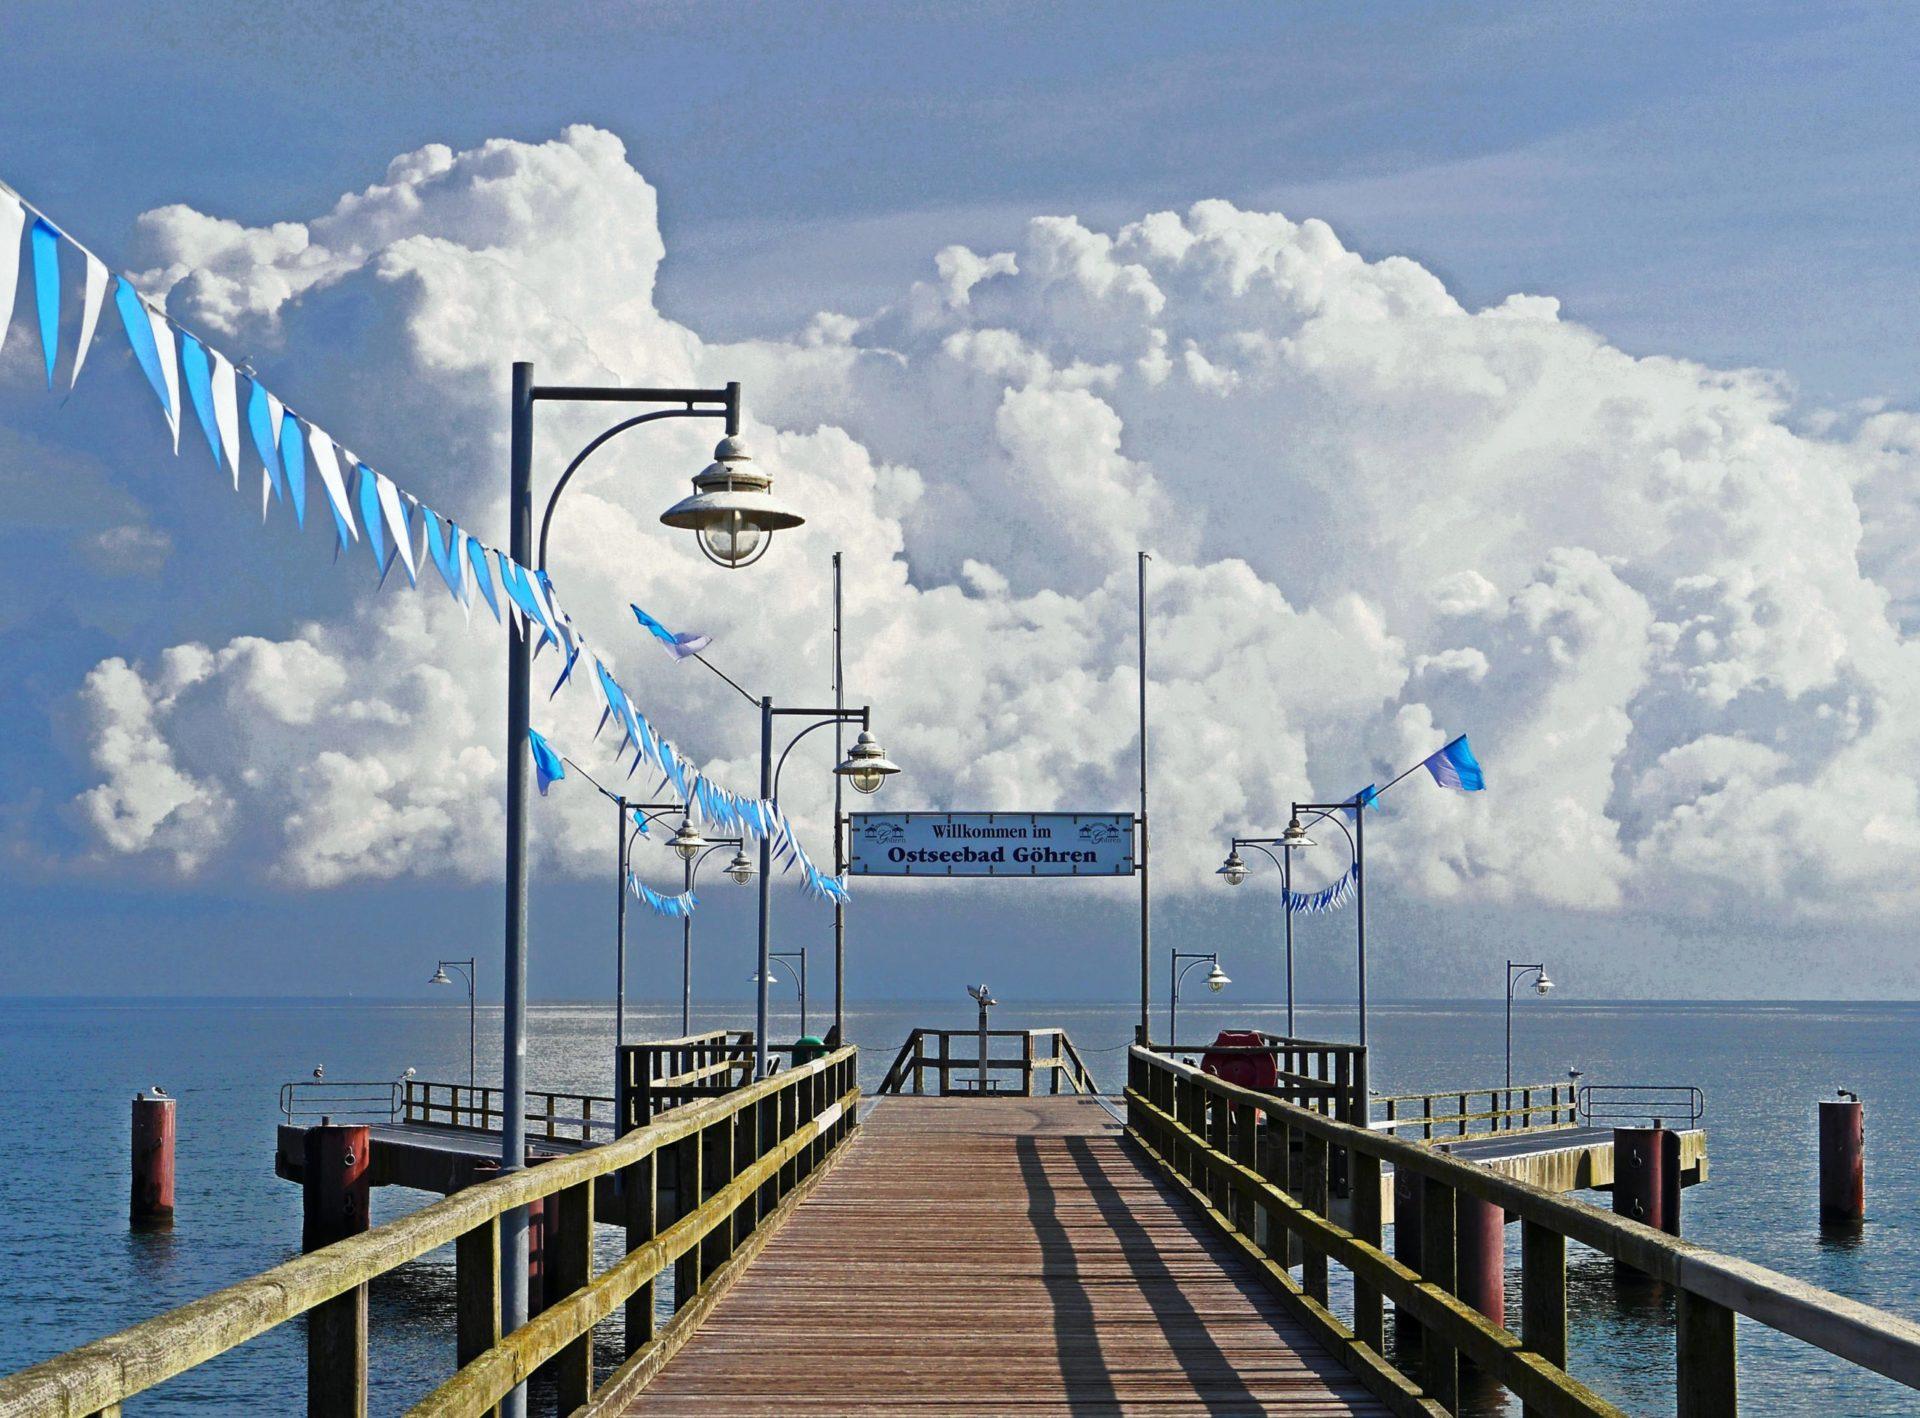 Wassertemperatur Göhren: Seebrücke am Nordstrand von Göhren